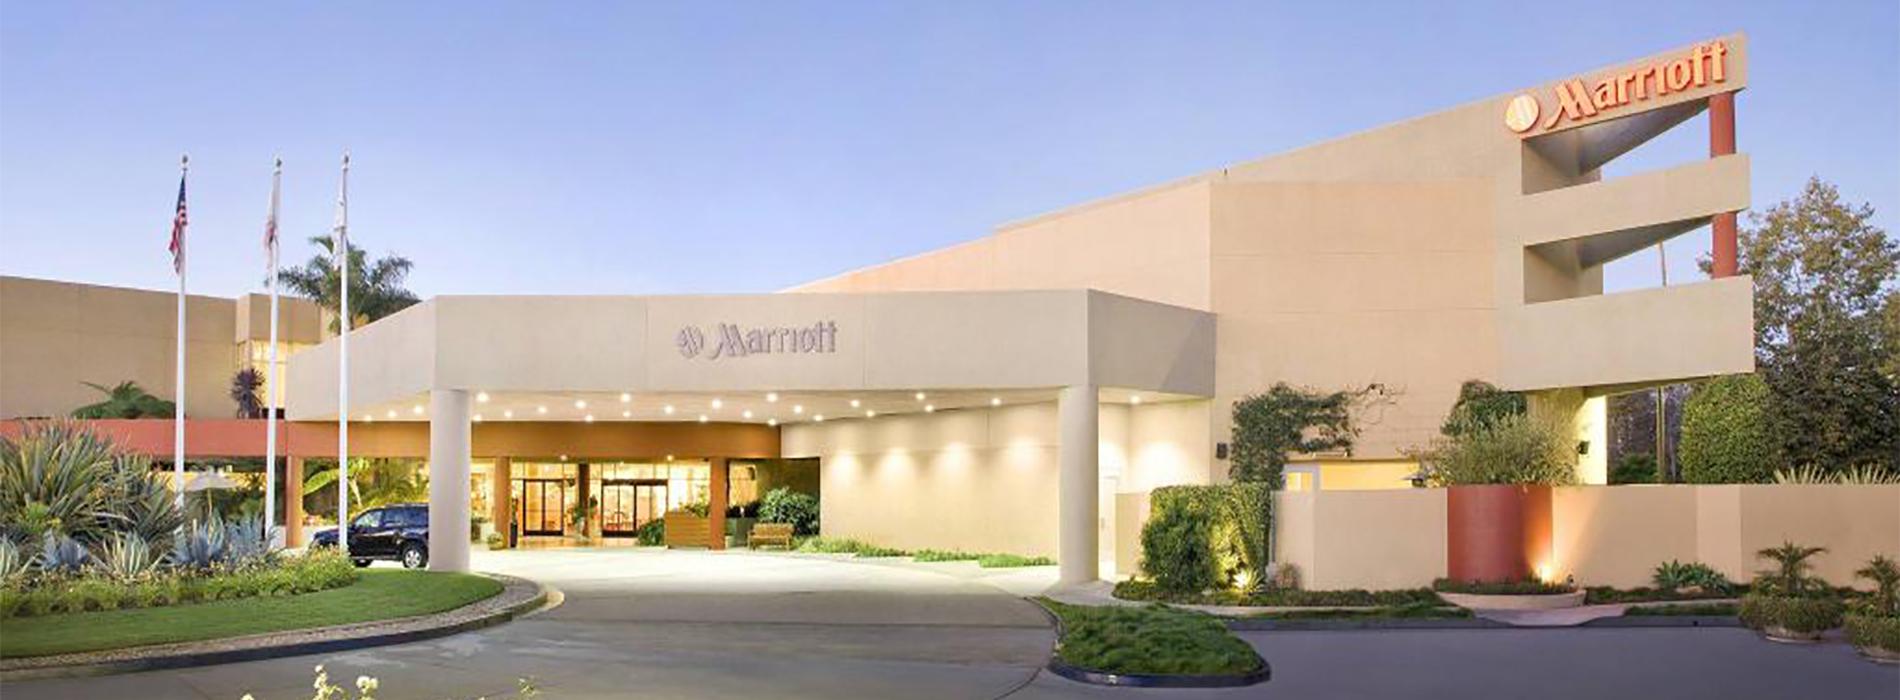 Ventura Beach Marriott Entry